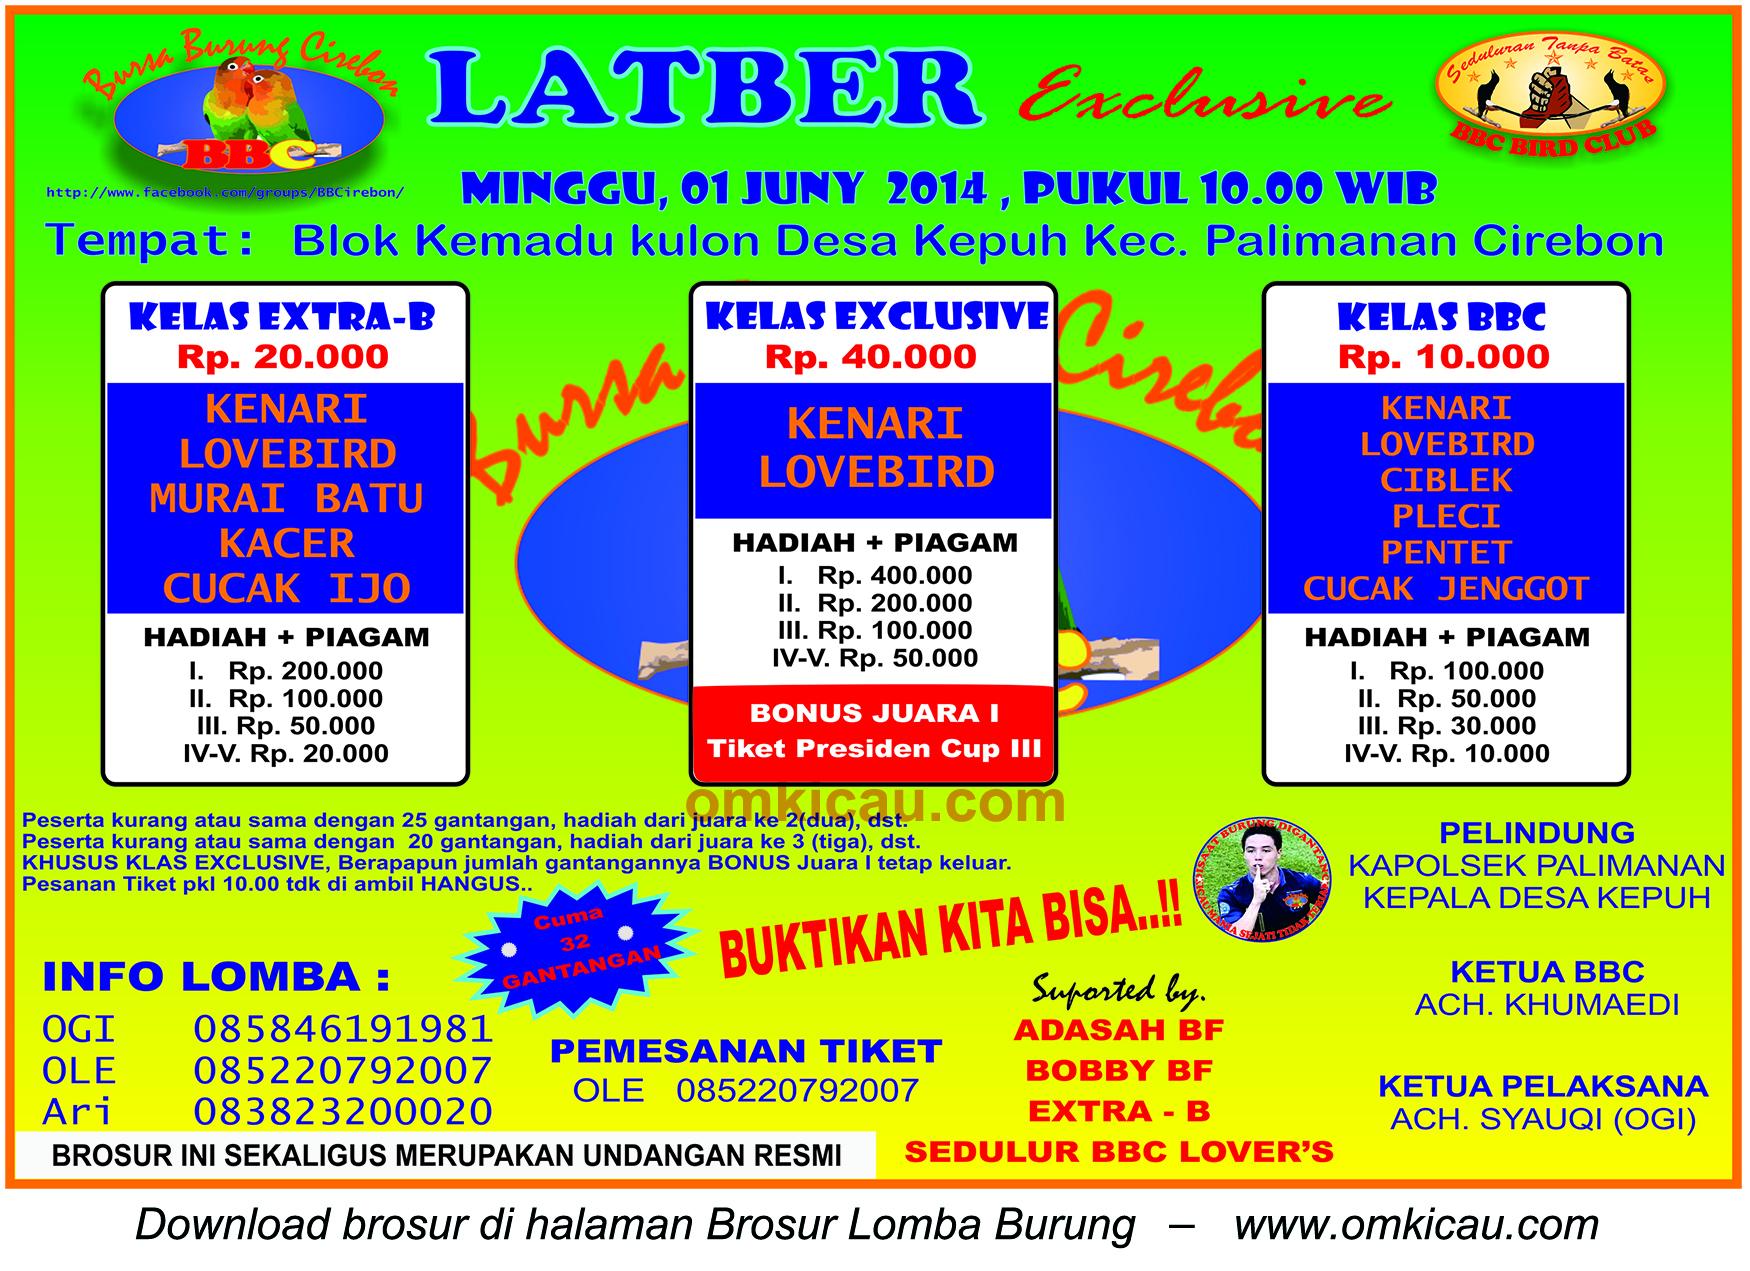 Brosur Latber Exclusive BBC, Cirebon, 1 Juni 2014